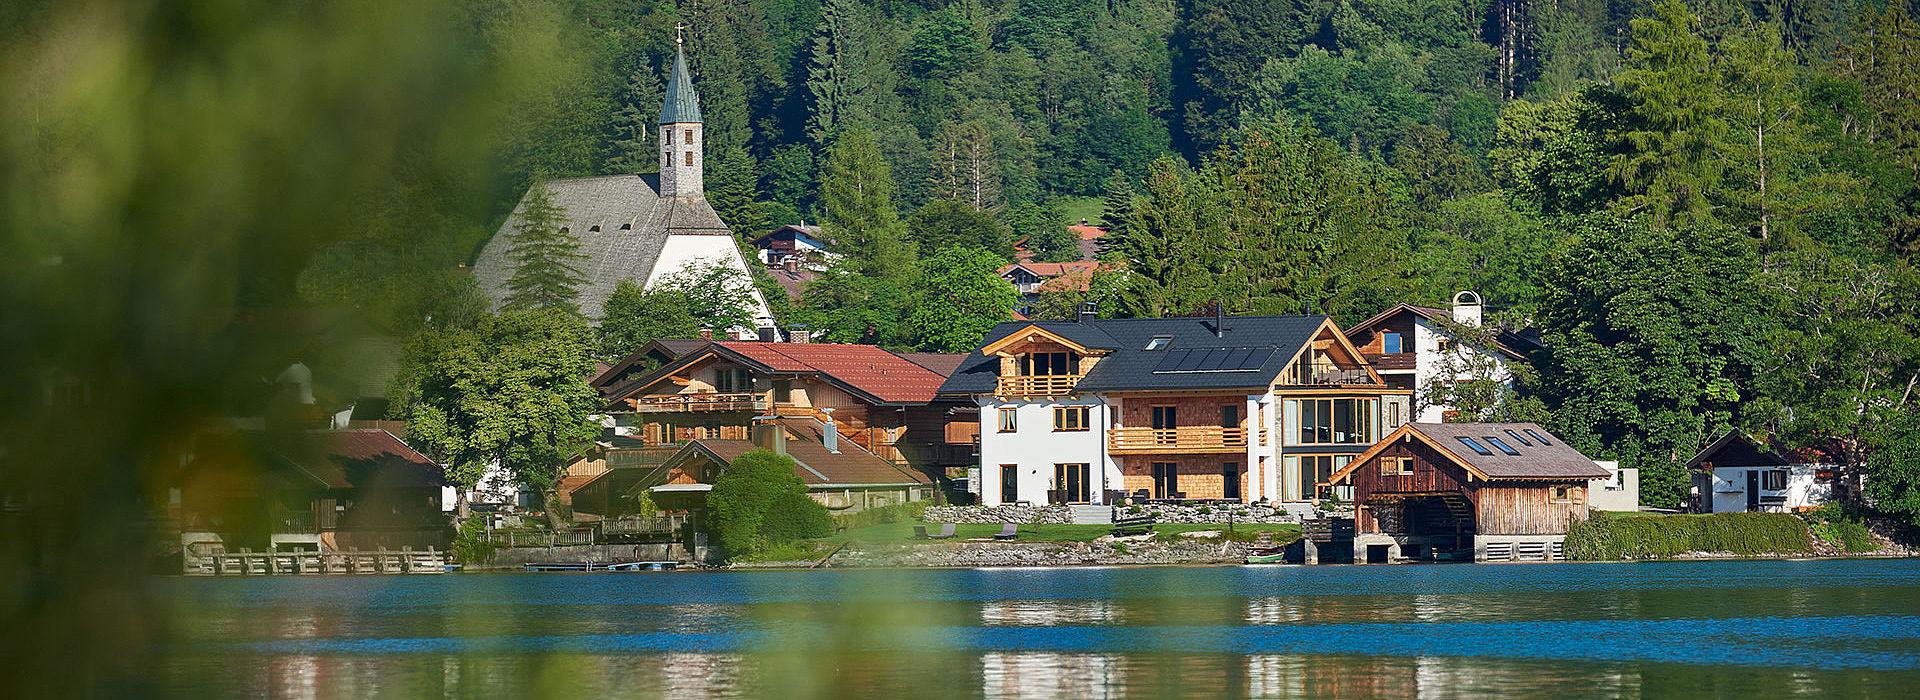 Ferienhaus Walchensee ferienwohnung am walchensee | gistl am see